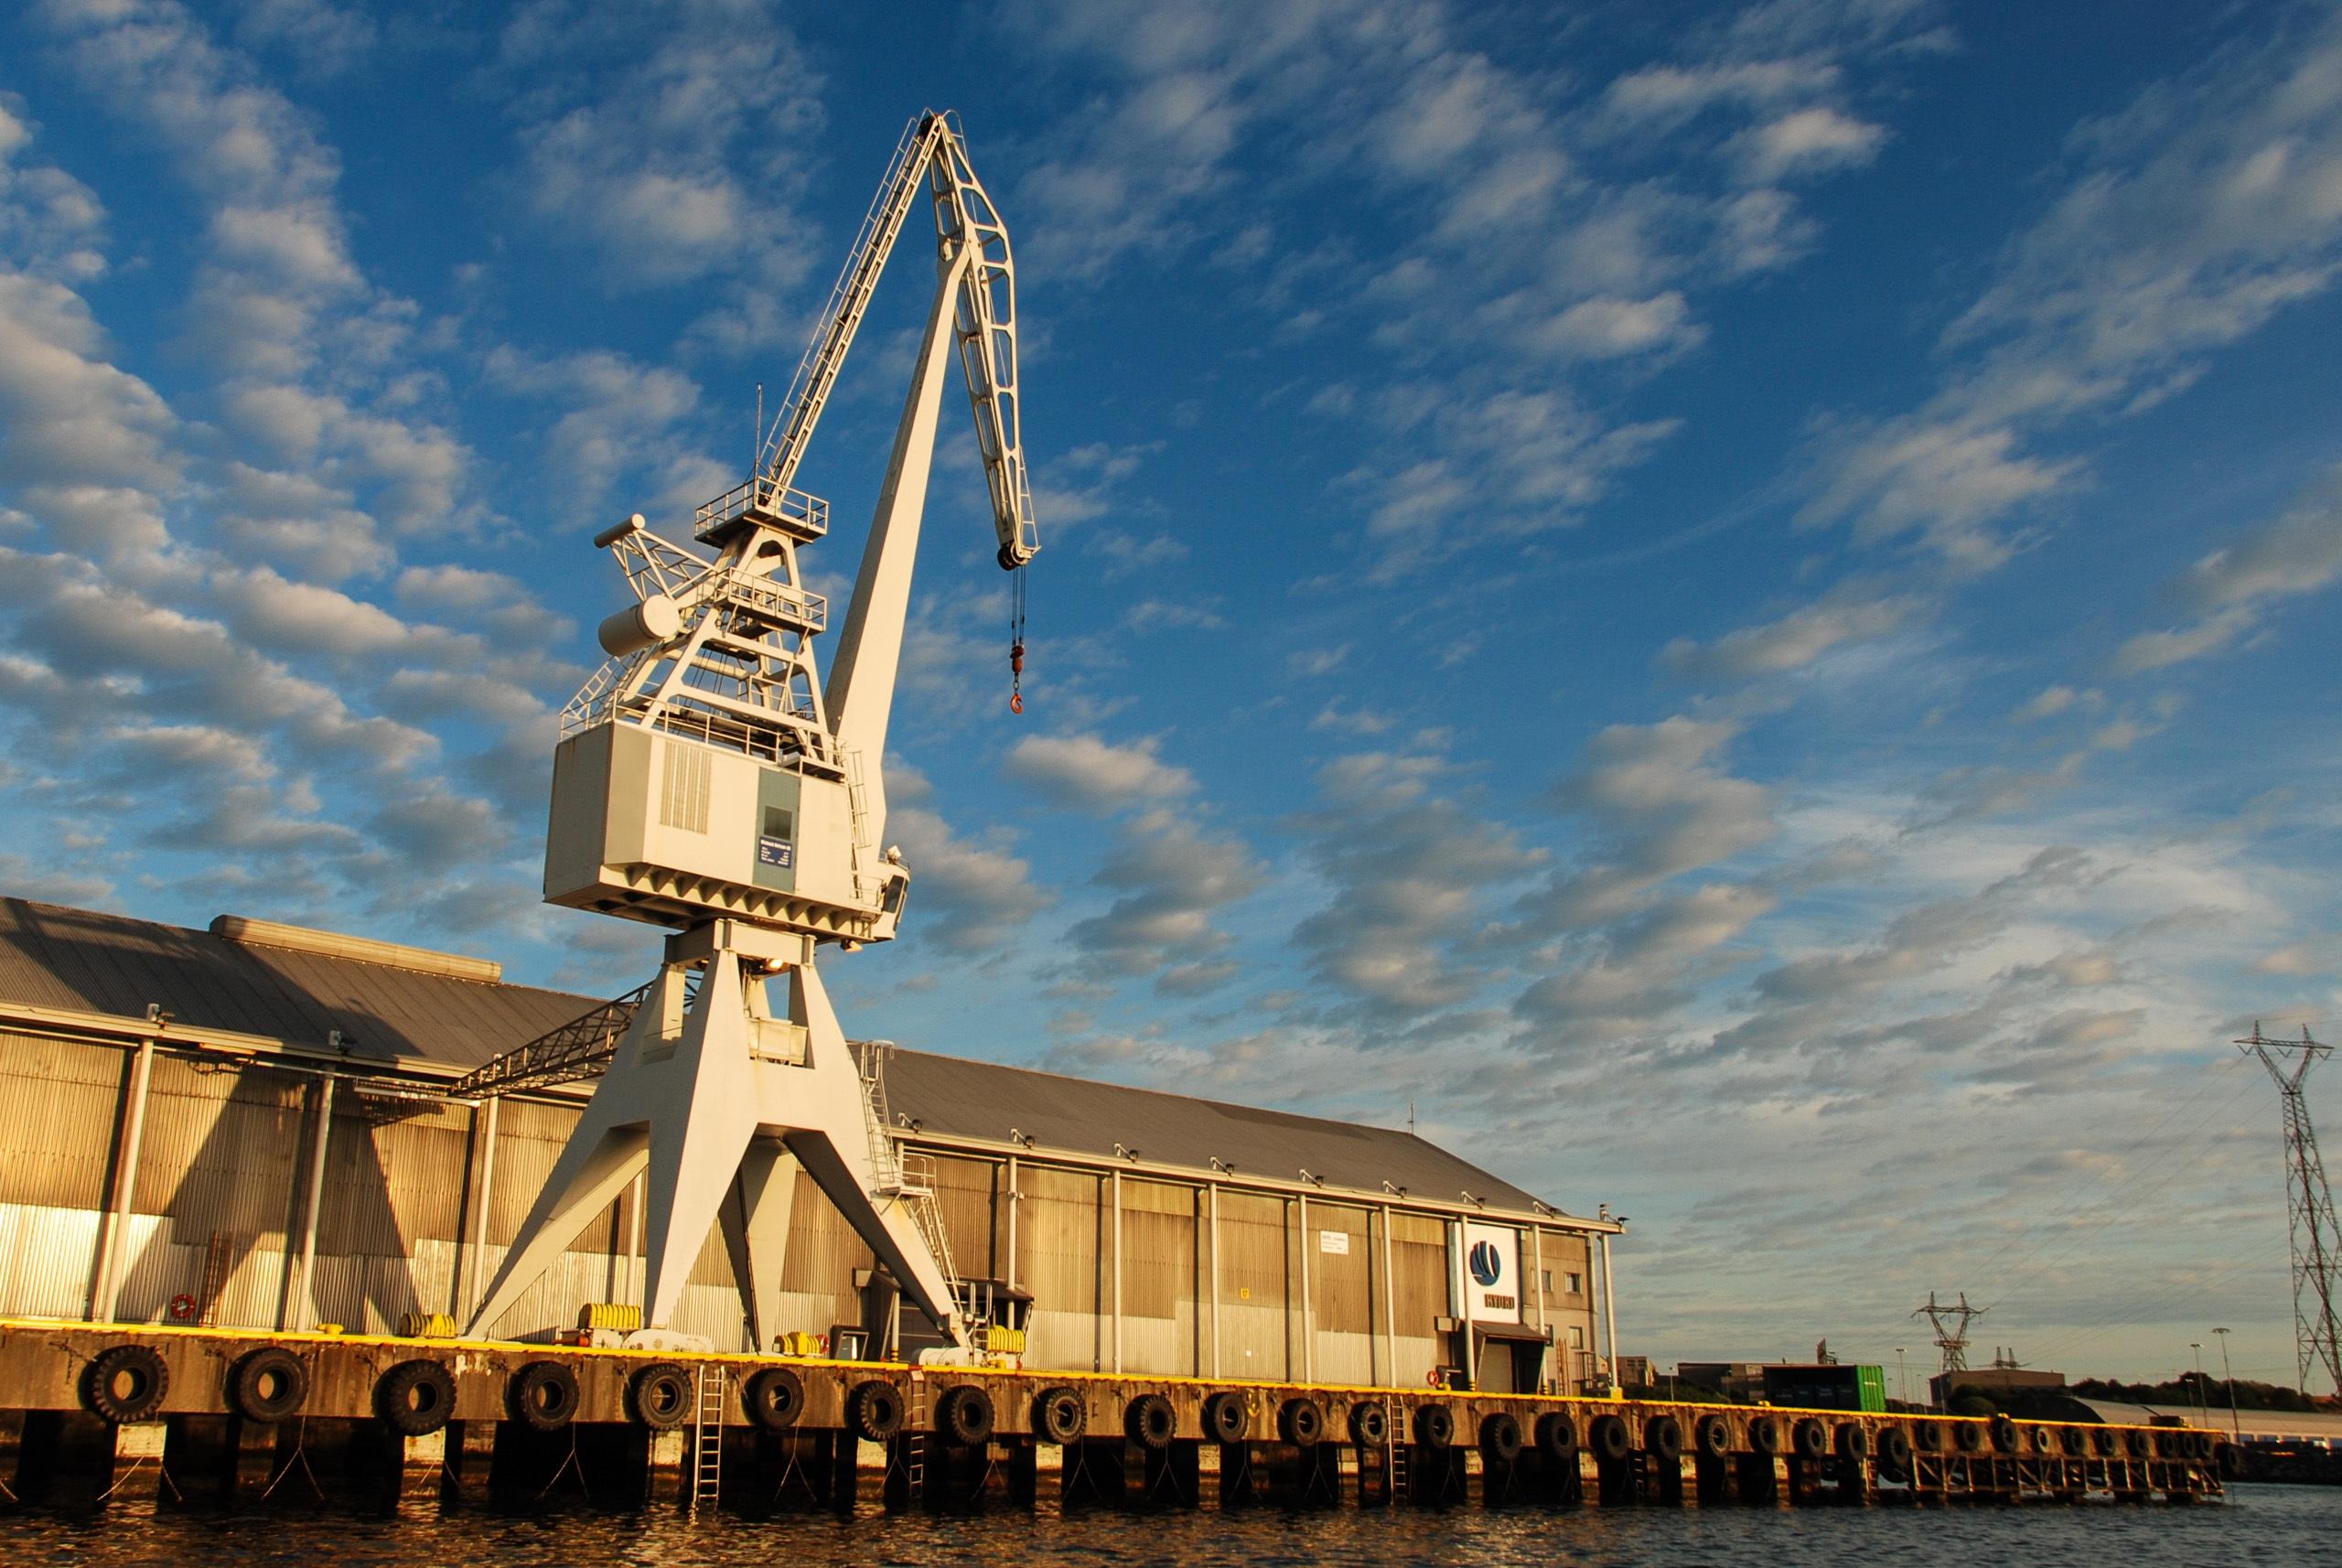 crane-971422